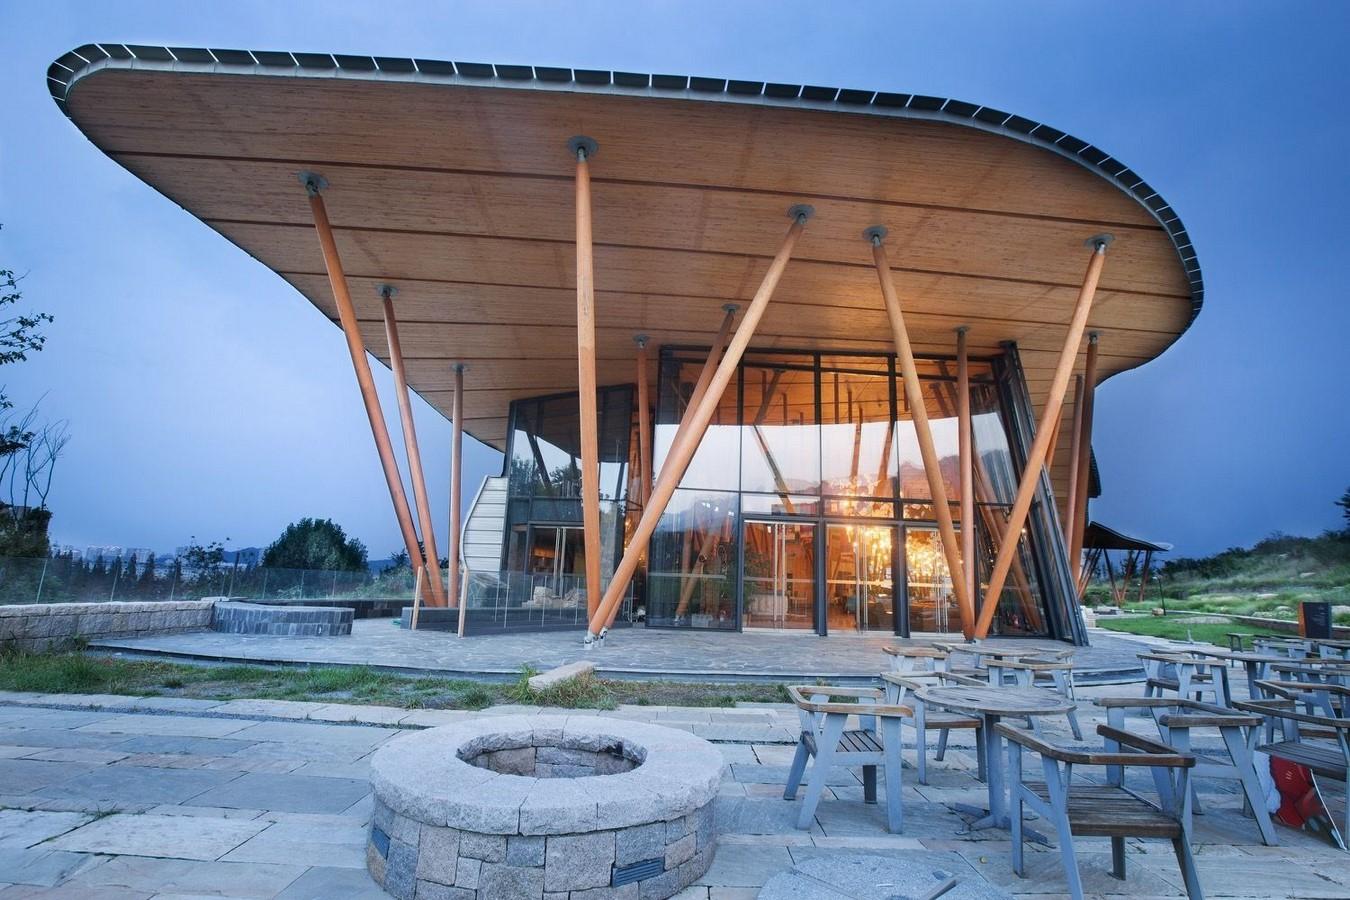 Vance Tsing Tao Pearl Visitor Center, China (2012) - Sheet2